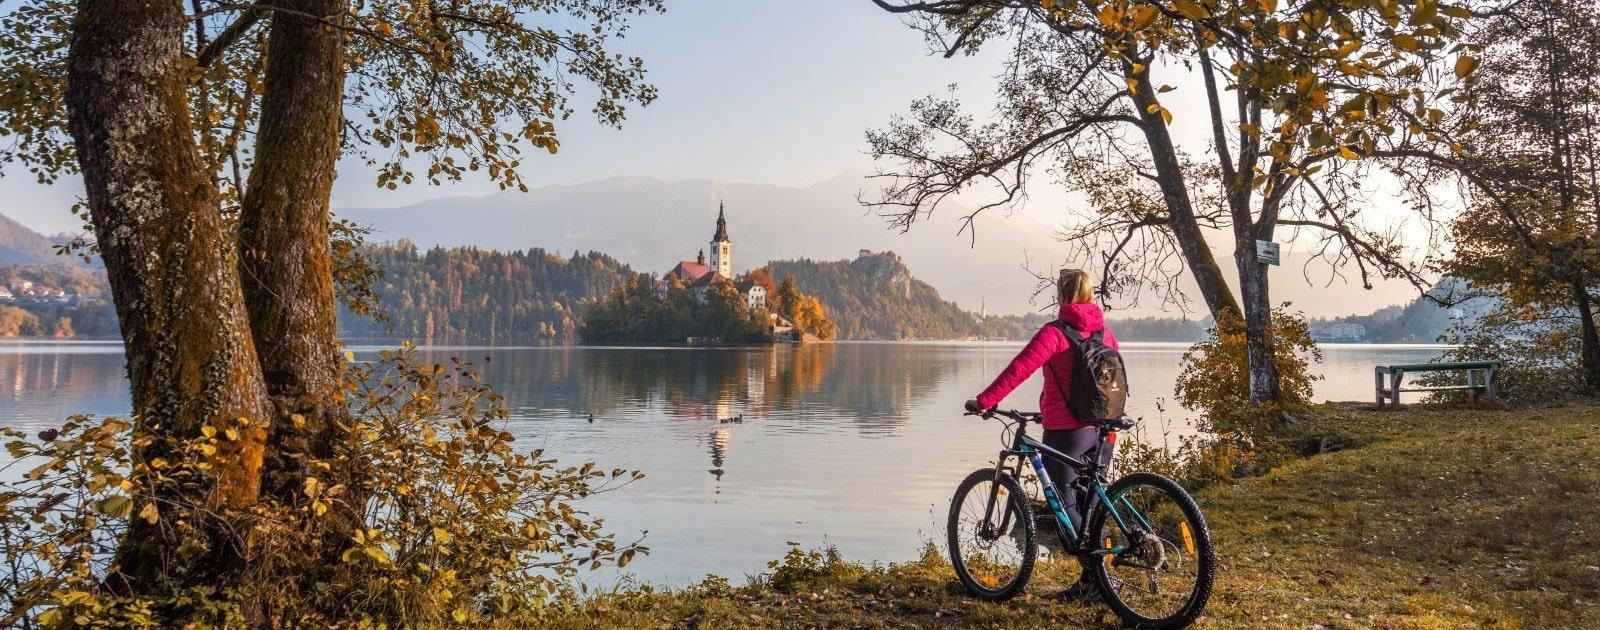 Radfahren am Bleder See (c) Jost Gantar Velika